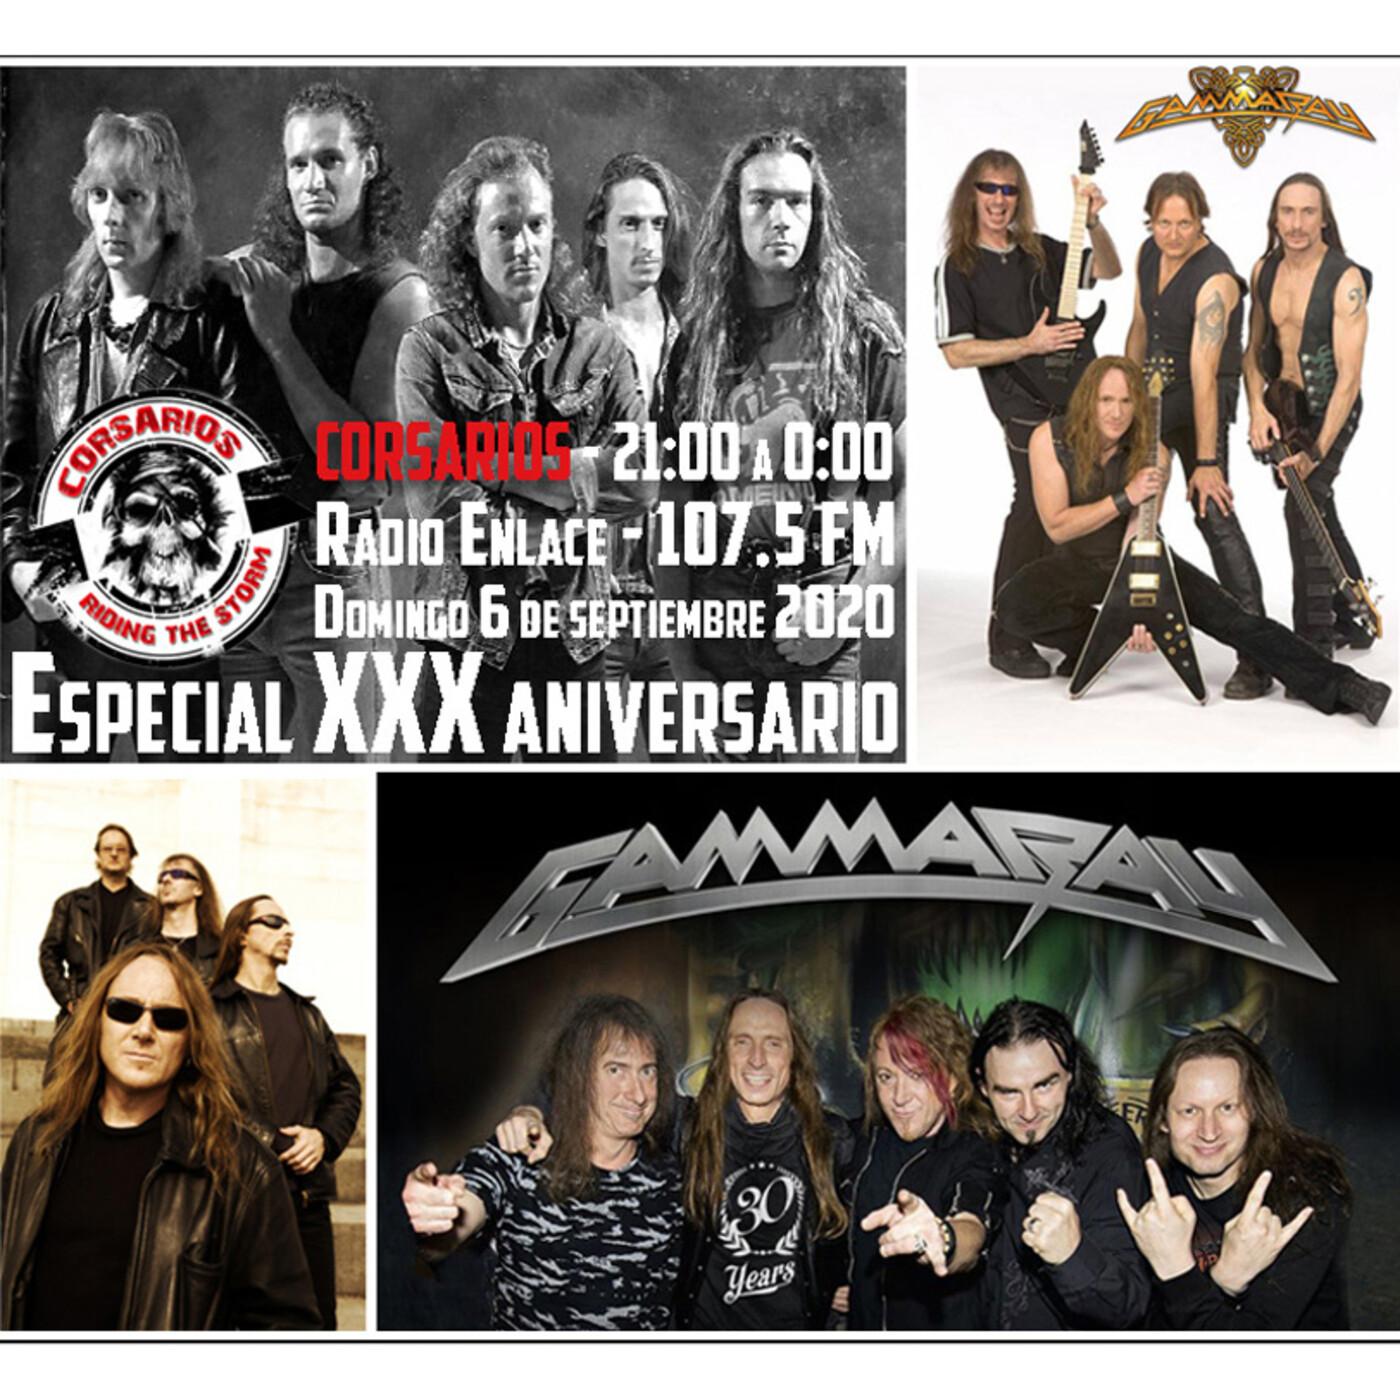 Corsarios - Especial XXX años de GAMMA RAY - Domingo 6 de septiembre 2020